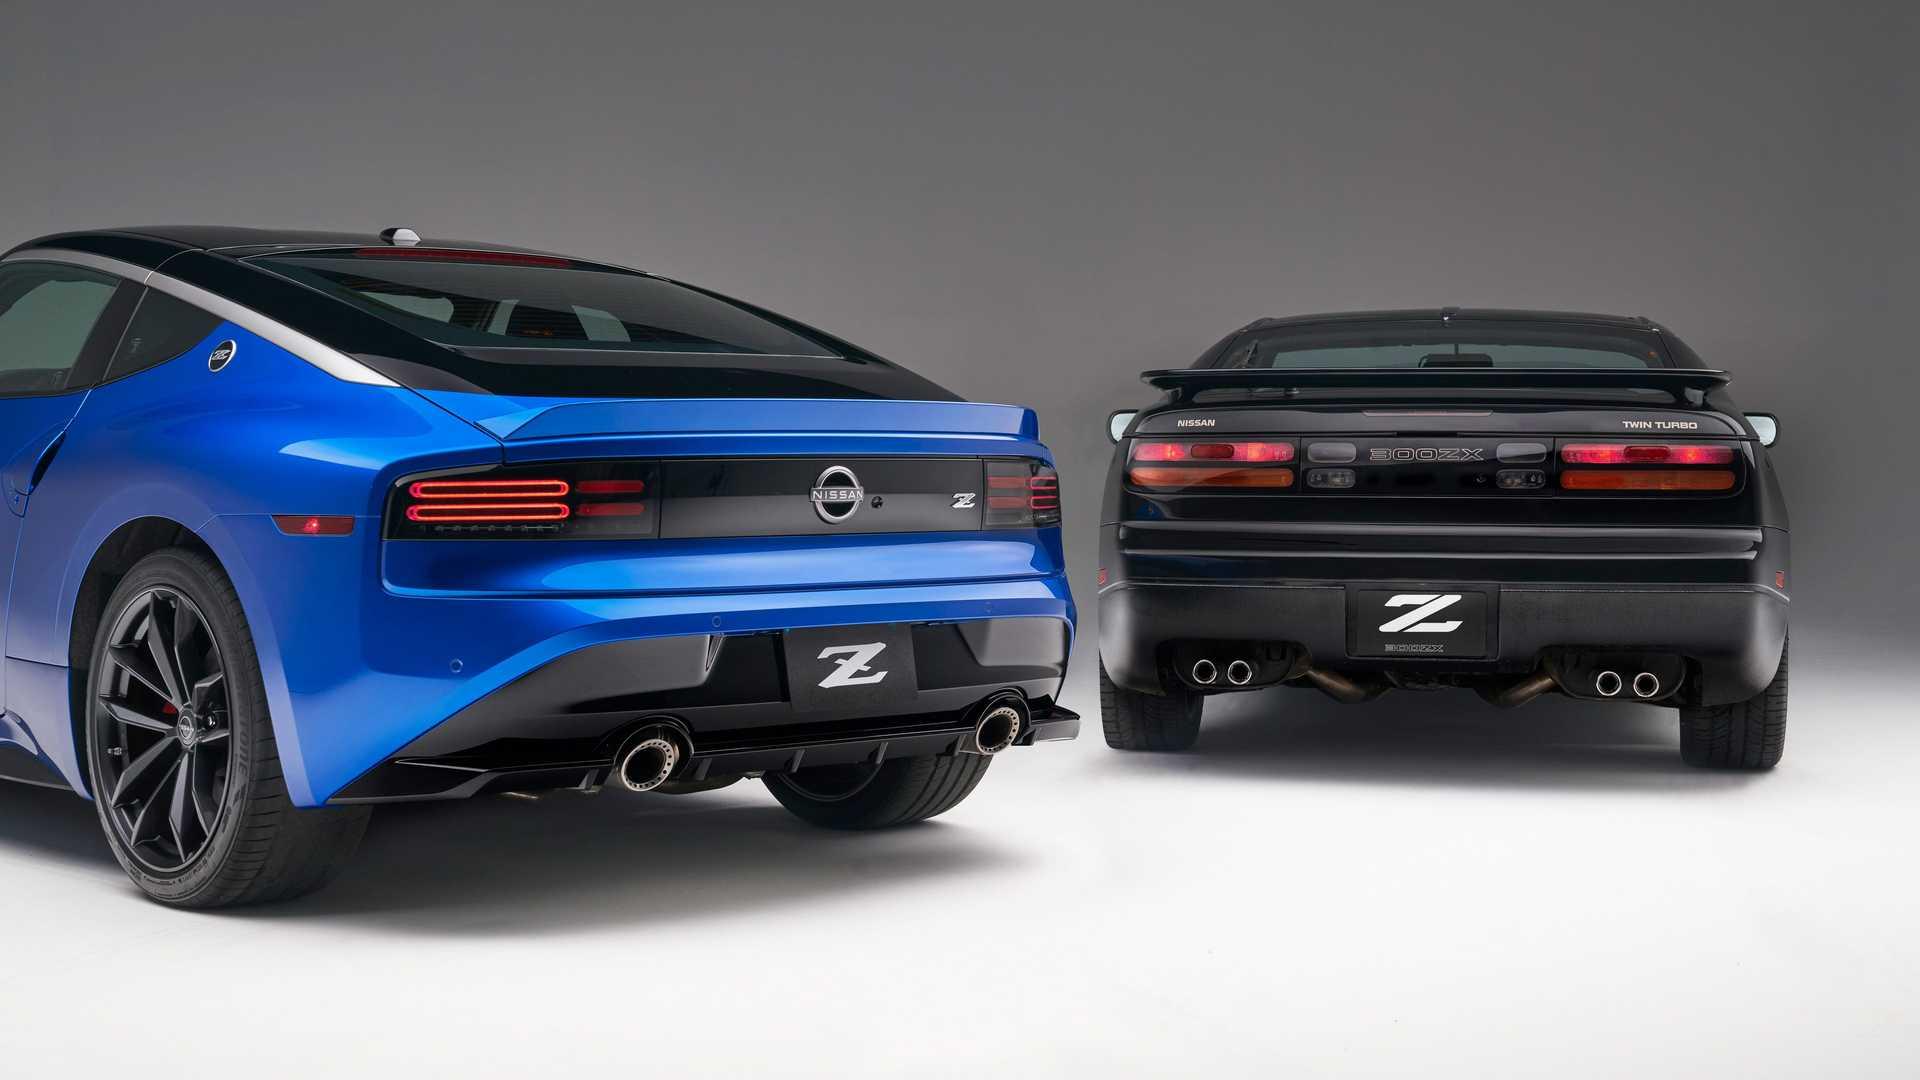 نیسان Z جدید و مدل 300ZX قدیمی